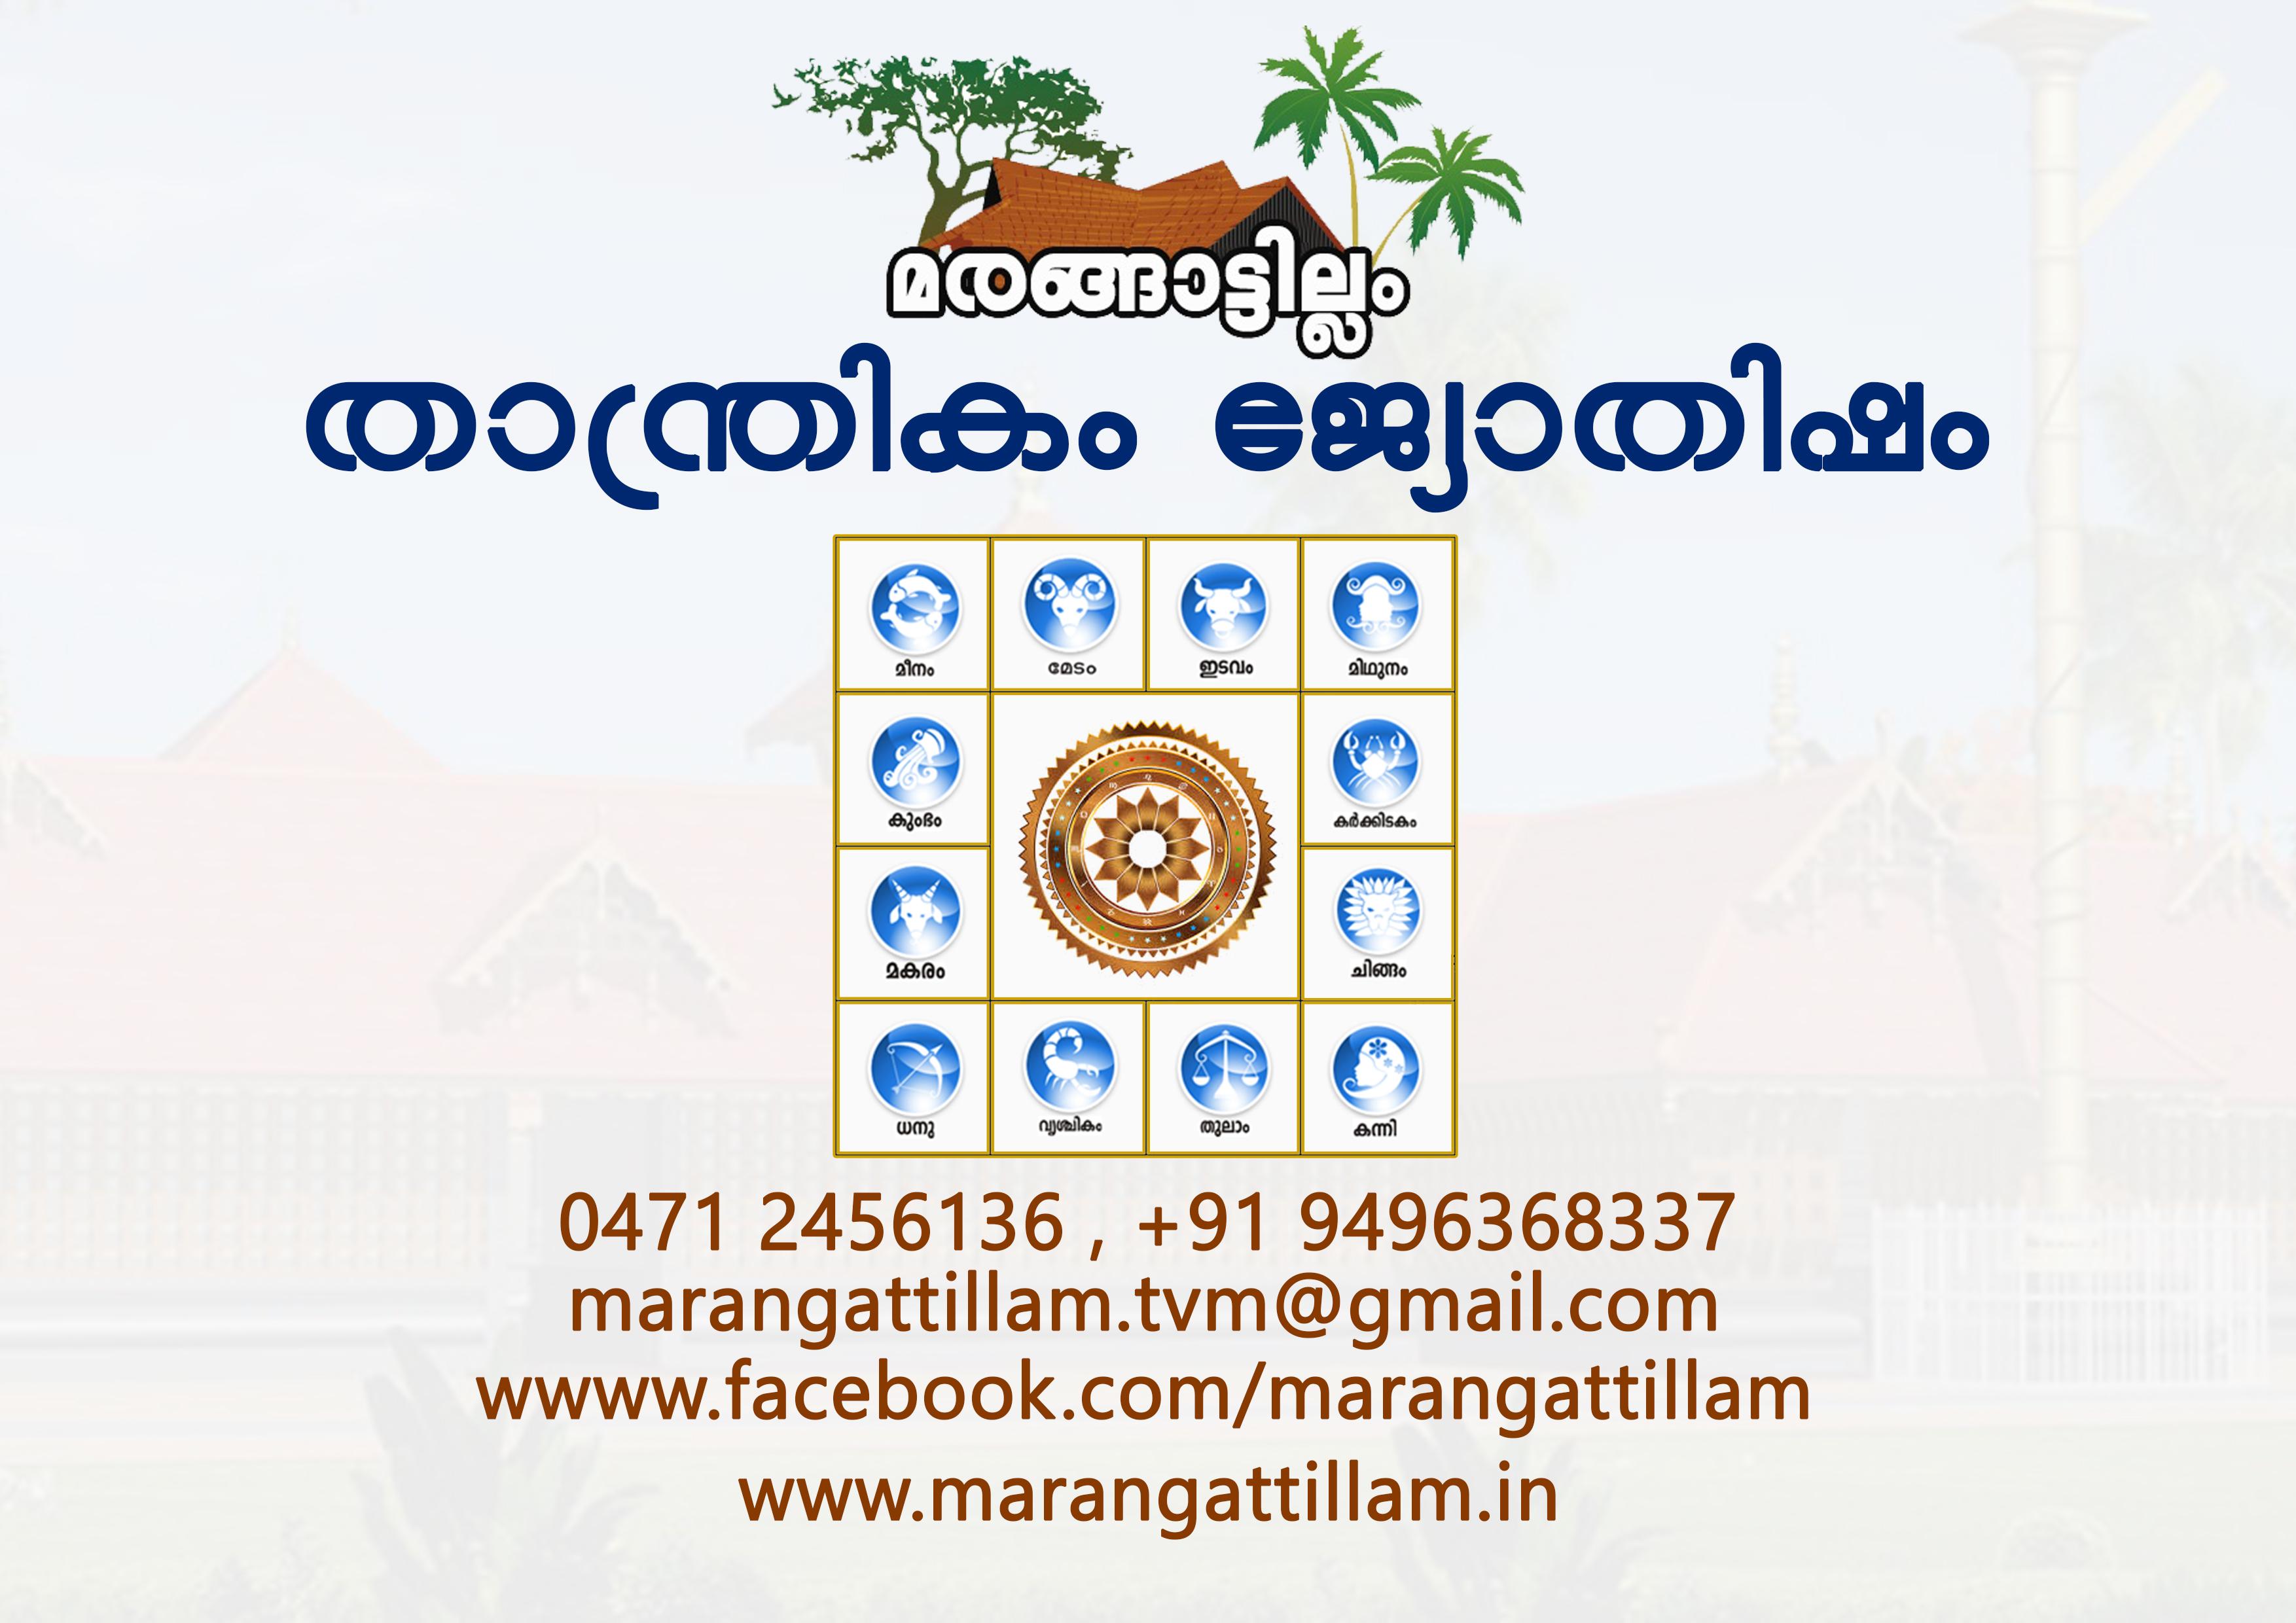 Marangattillam - Best Astrological Consultations in Thiruvananthapuram Corporation Trivandrum Kerala India